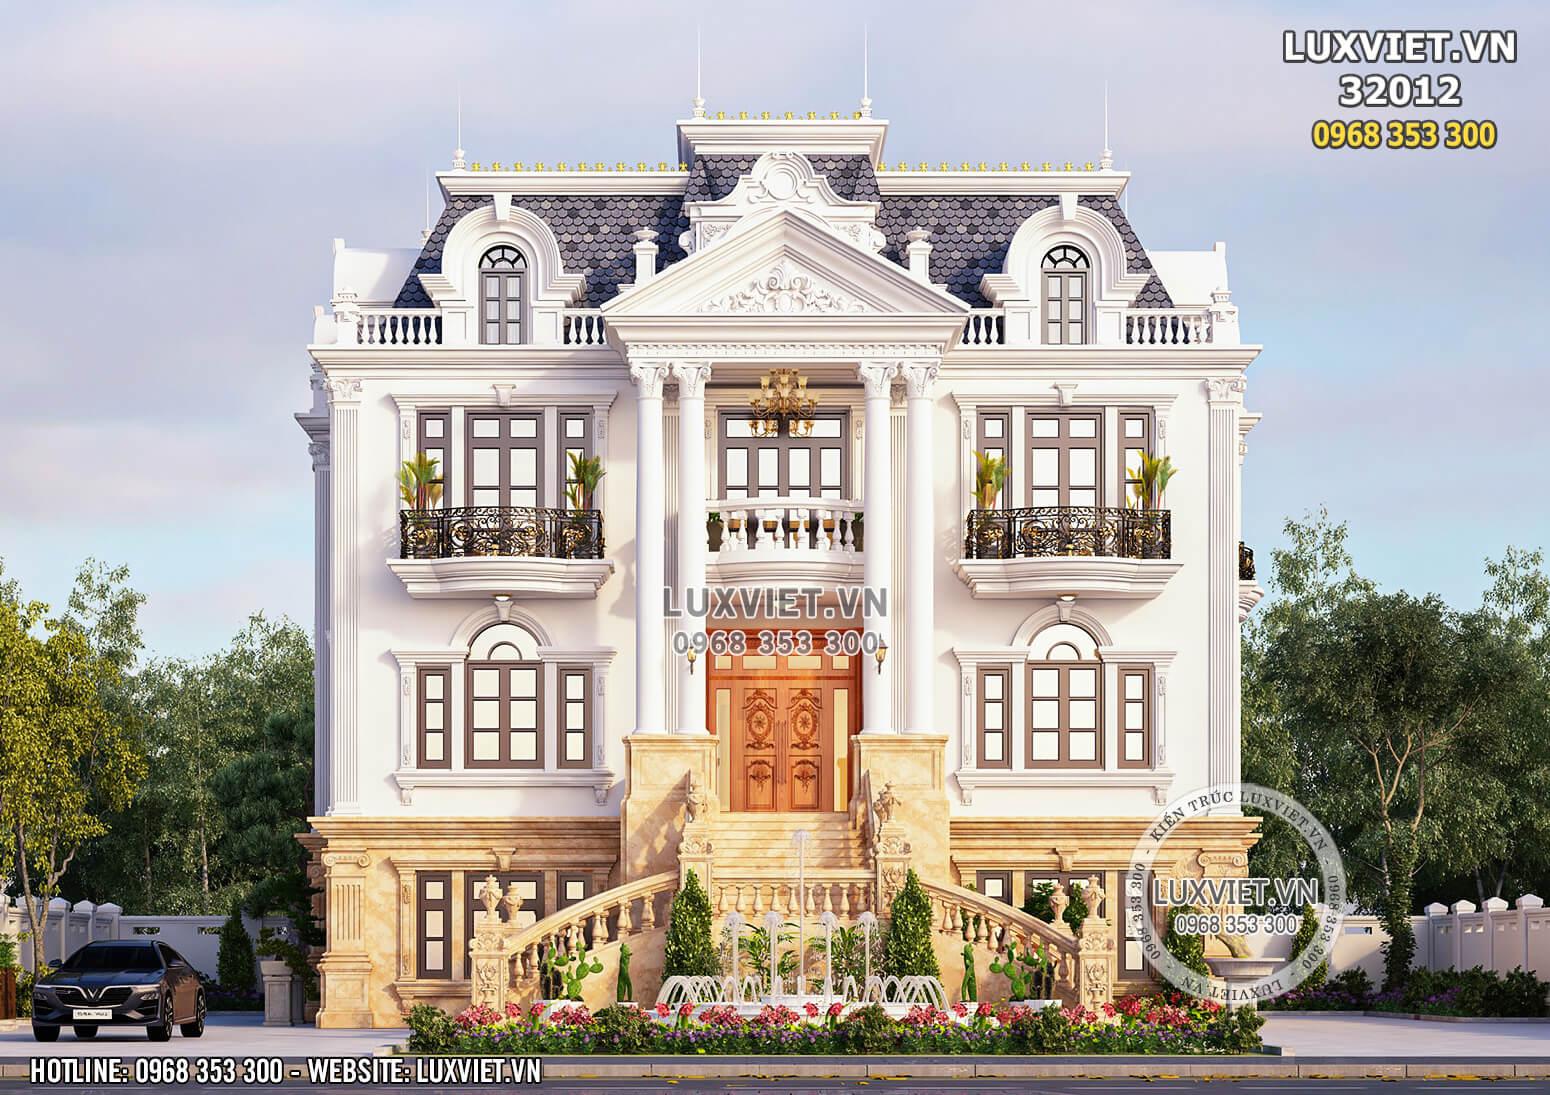 Hình ảnh: Chiêm ngưỡng mặt tiền của biệt thự tân cổ điển rộng 300m2 - LV 32012